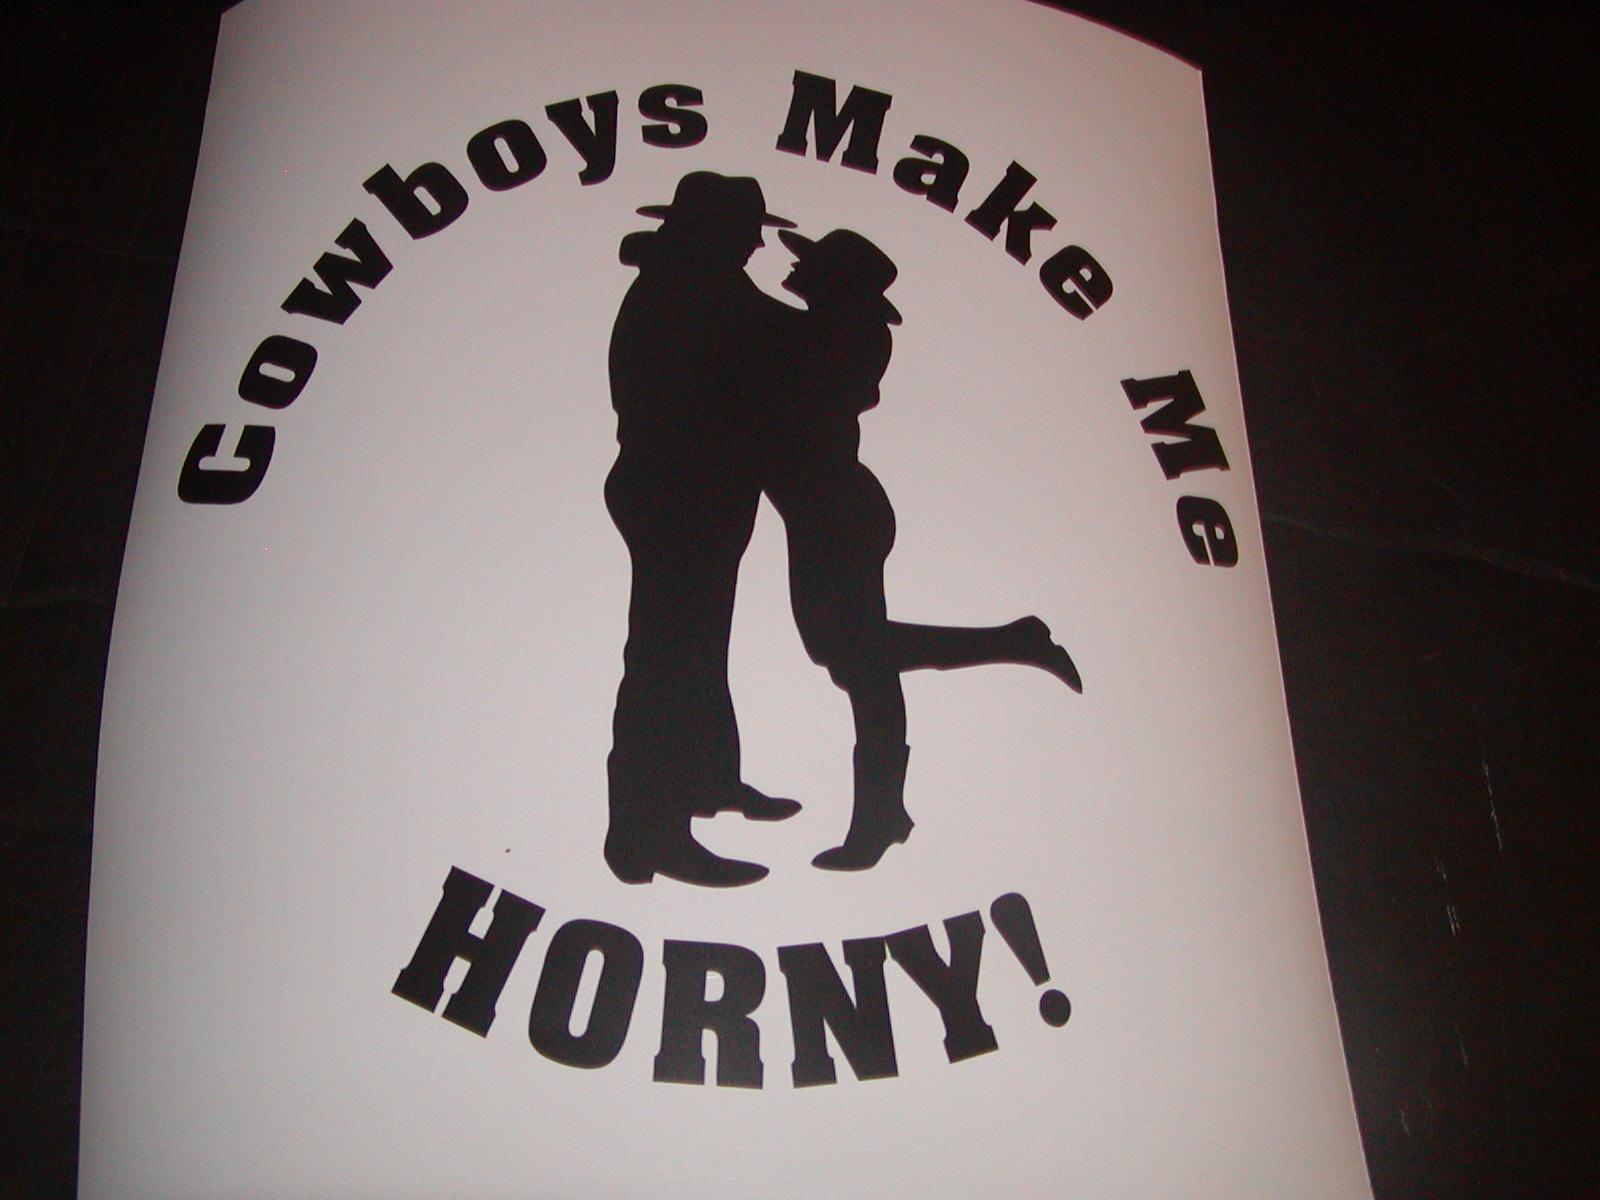 �Cowboys Make Me Horny Decal